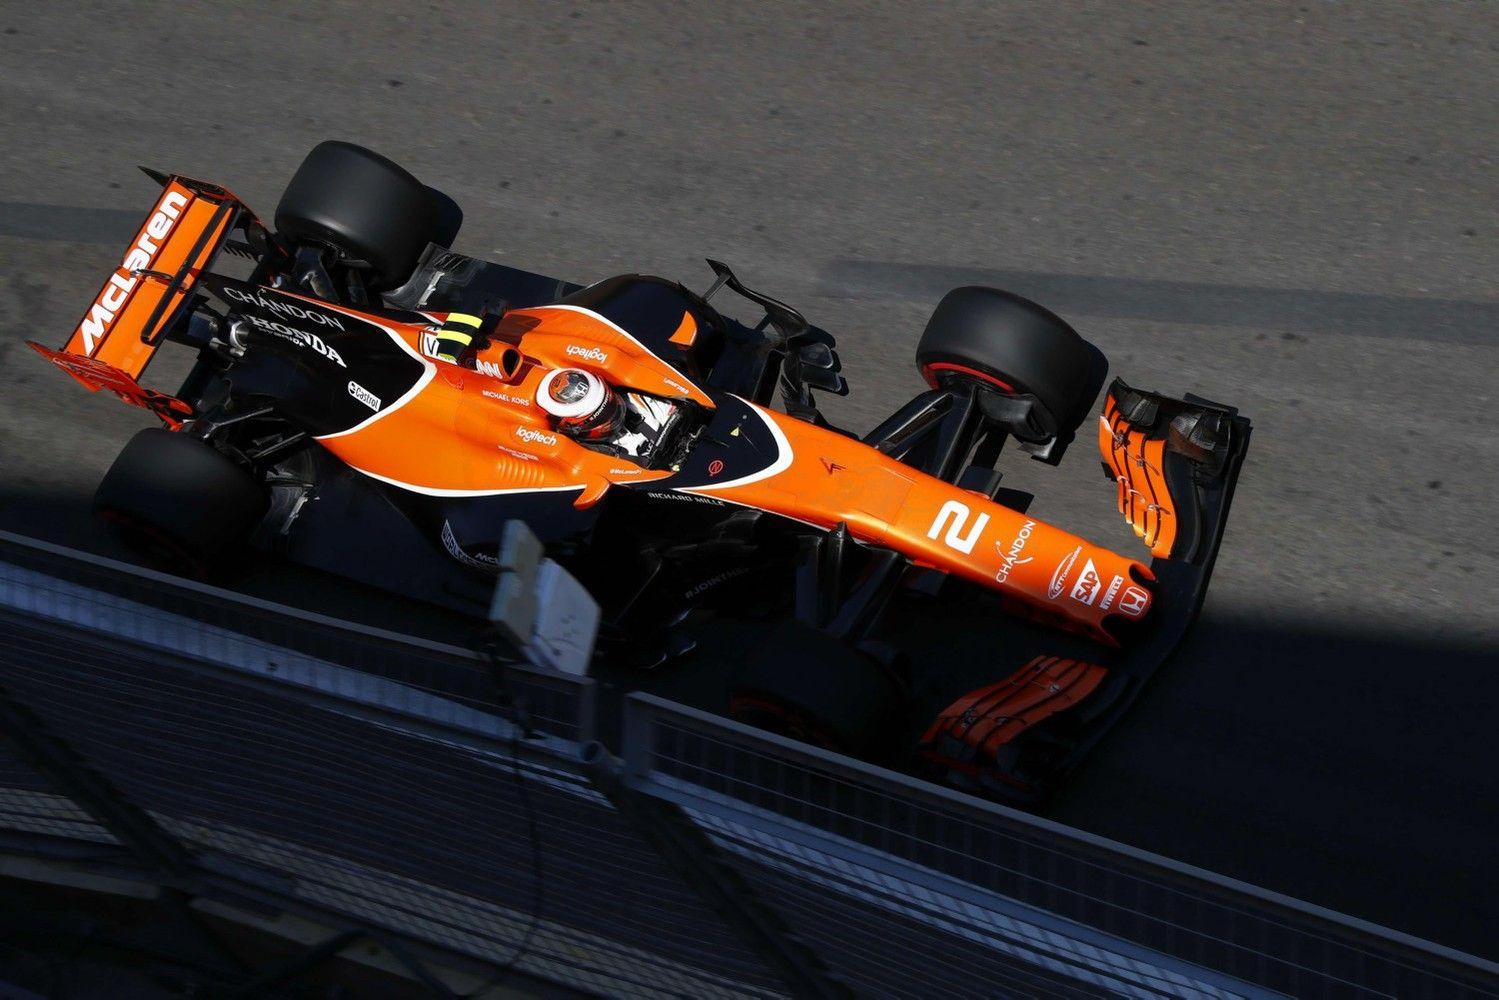 """""""McLaren"""" rinkose siekia pasiskolinti 525 mln. GBP"""